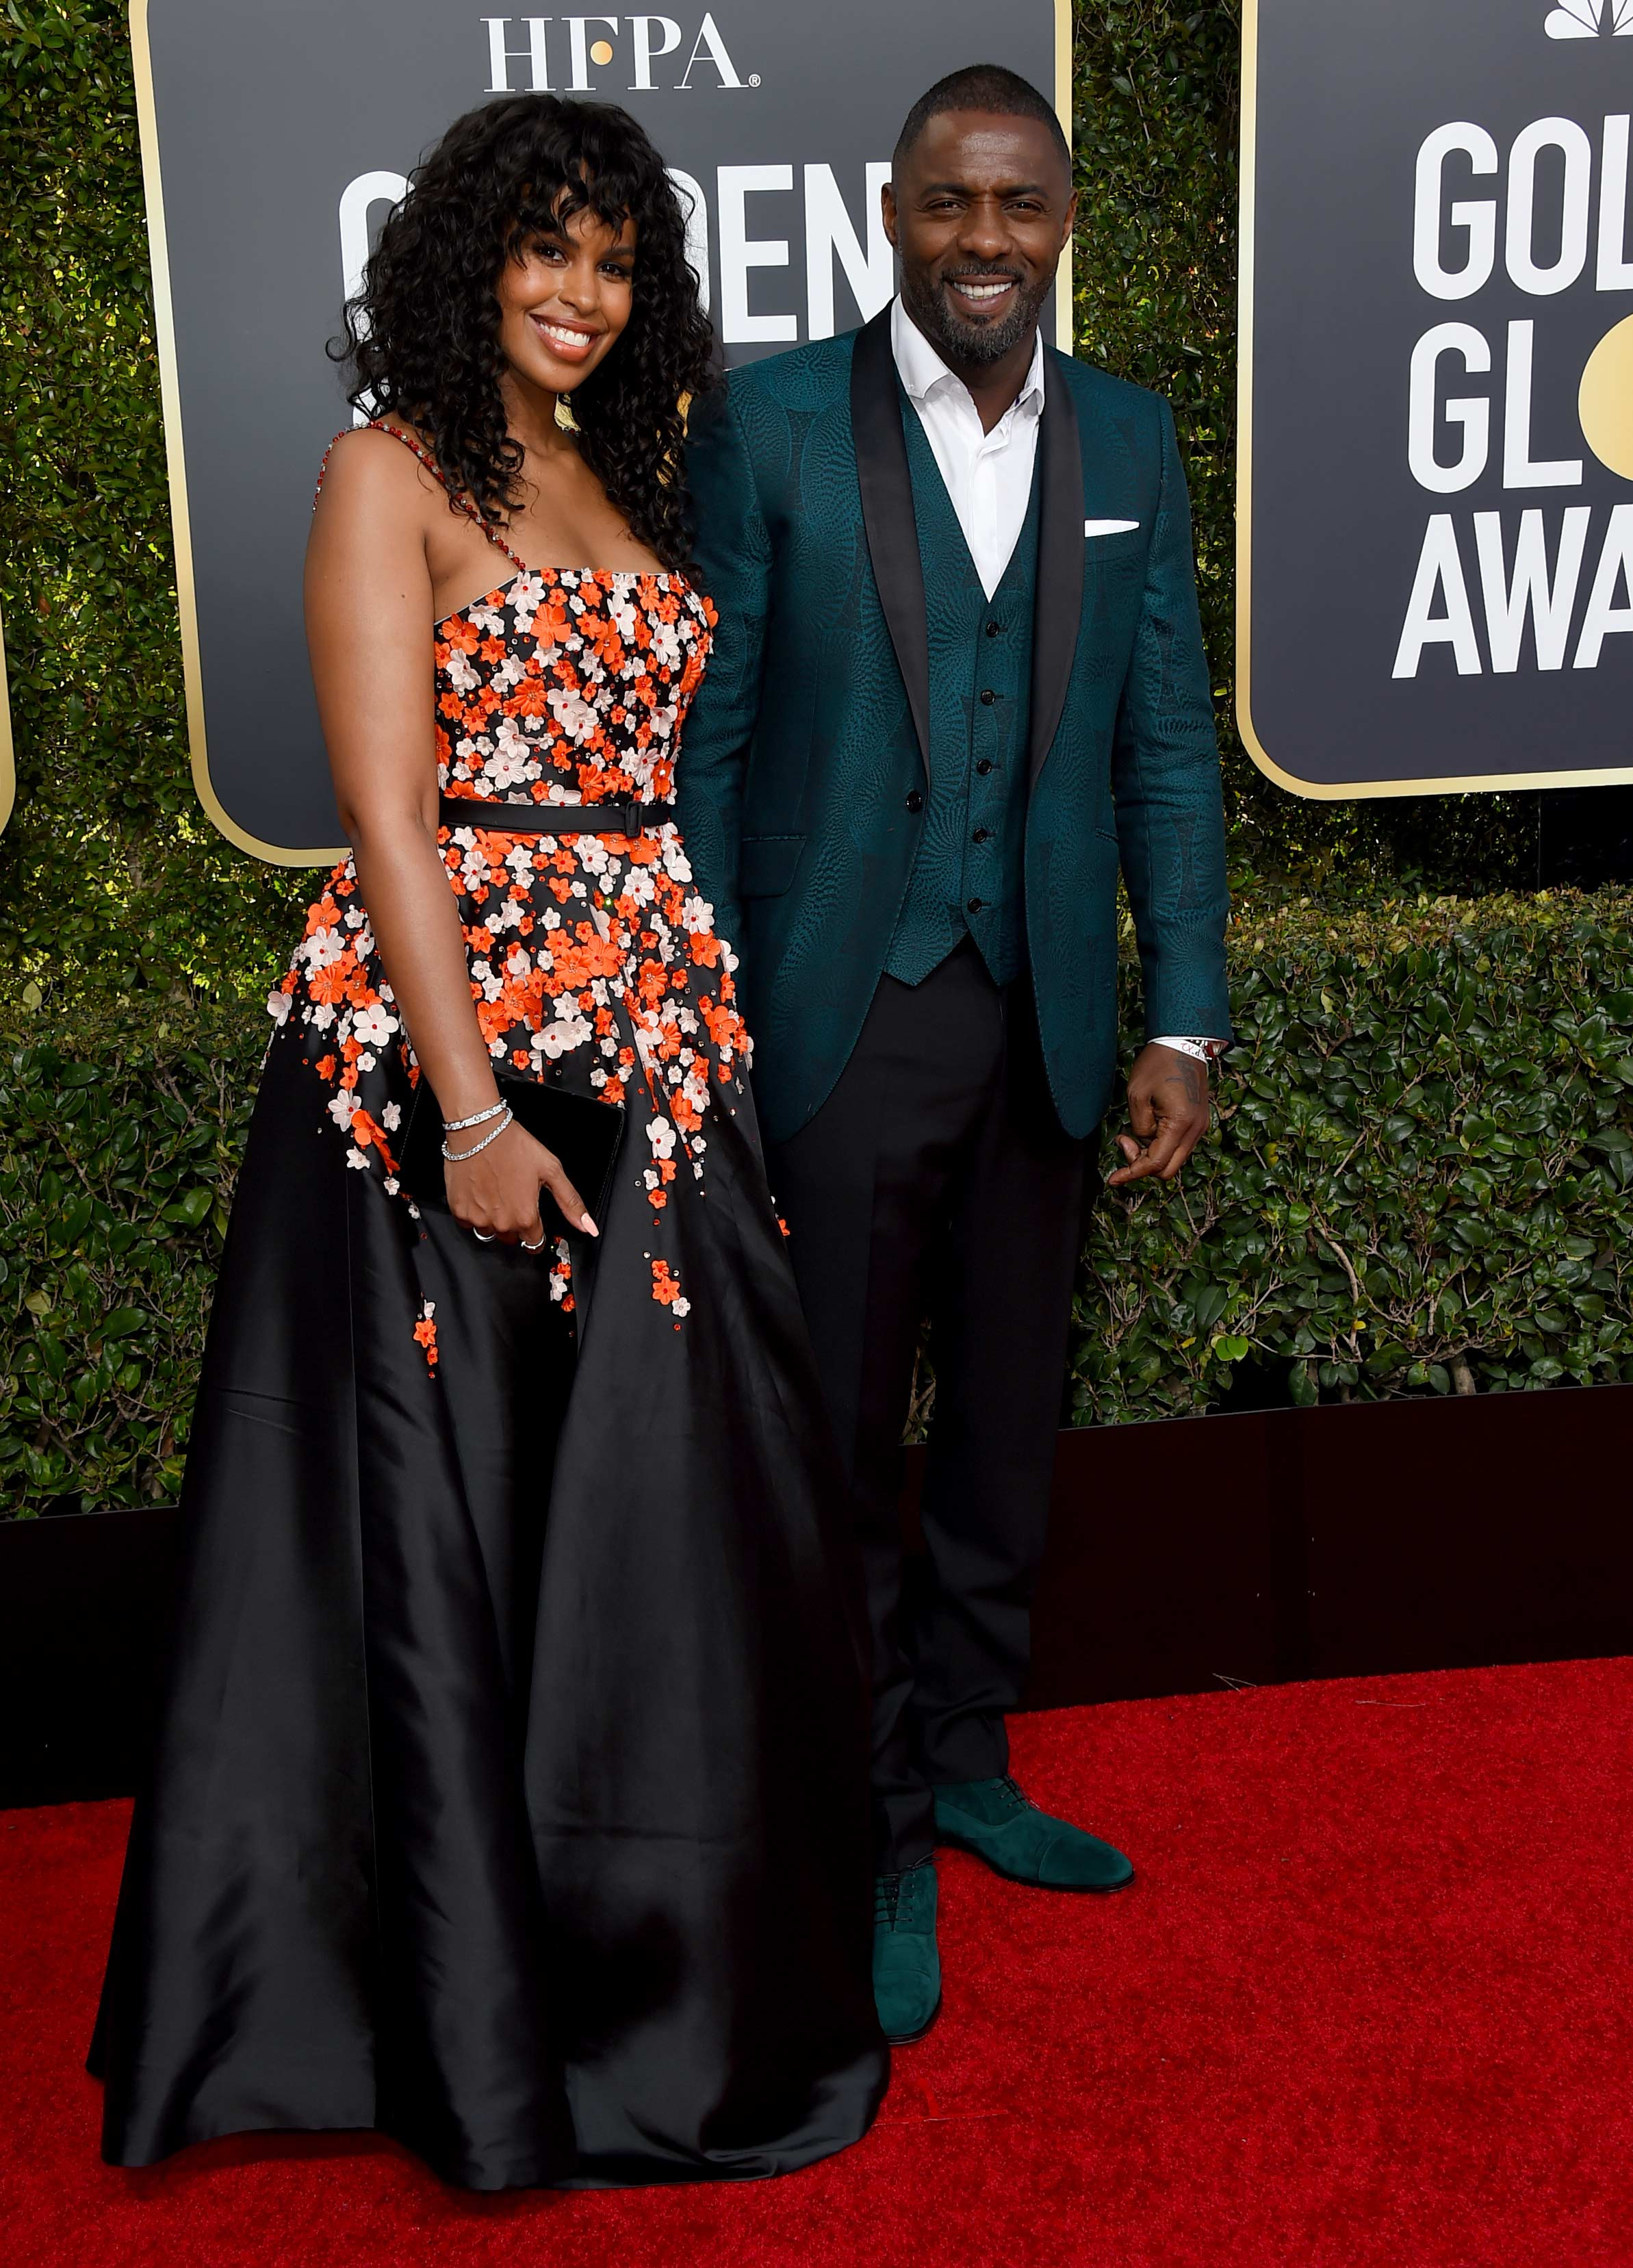 Idris Elba y Sabrina Dhowre no solo desfilaron su amor sino mucha elegancia en la alfombra roja de los Golden Globe 2019. (Foto: AP)